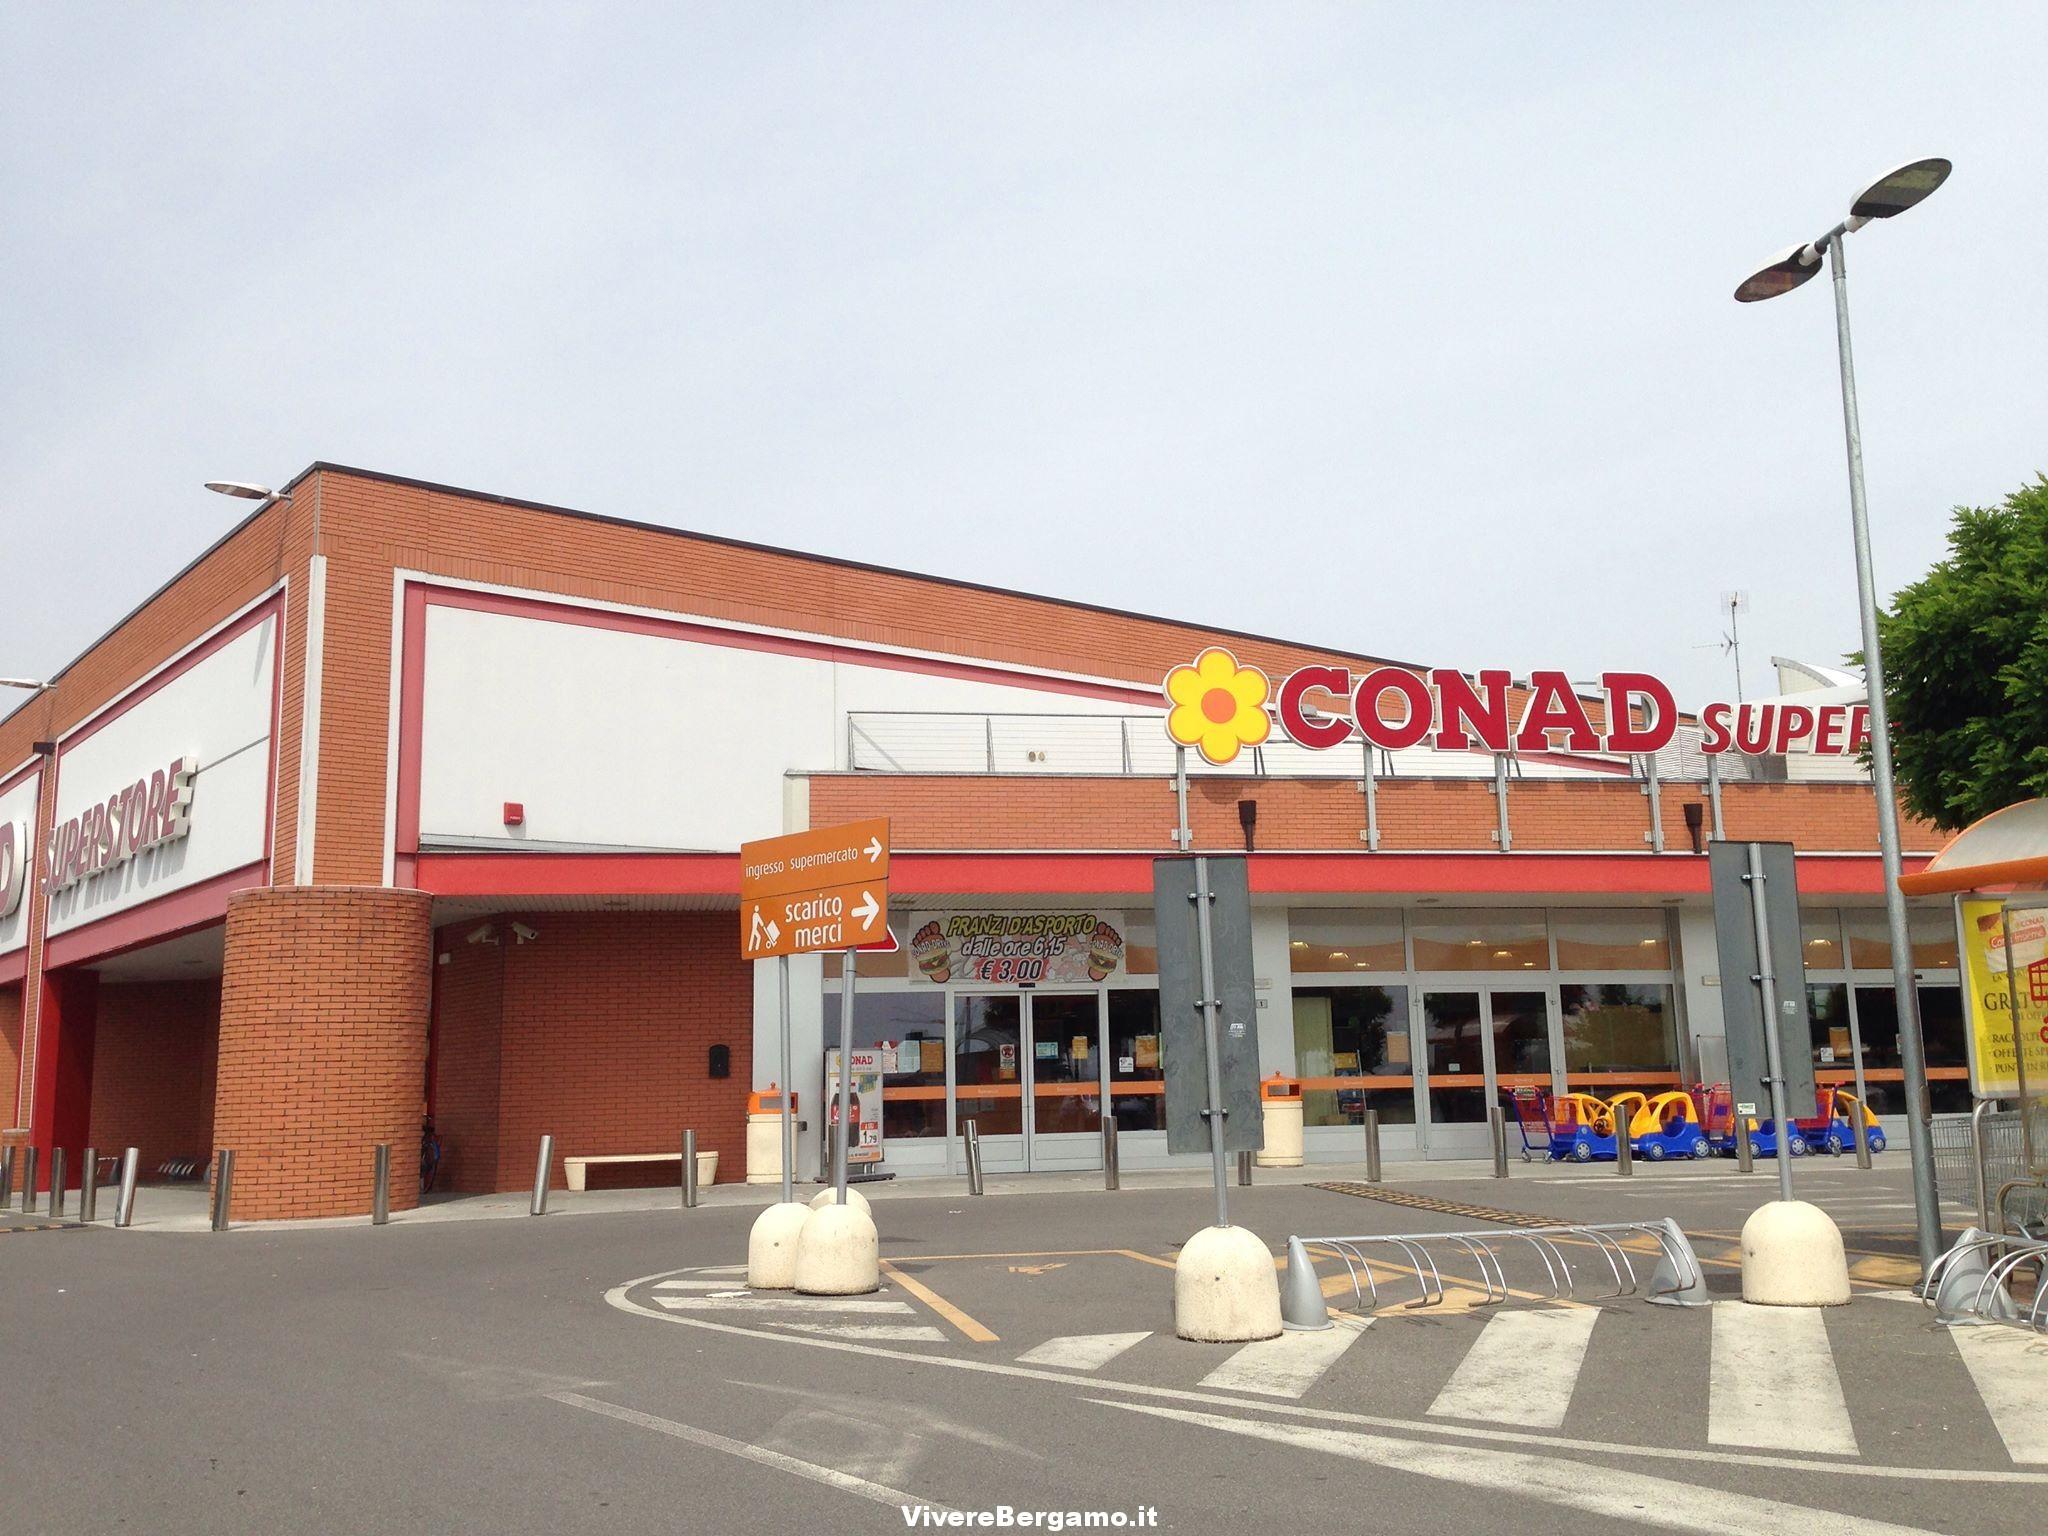 Conad superstore cologno al serio negozi bergamo for Conad arredo giardino 2017